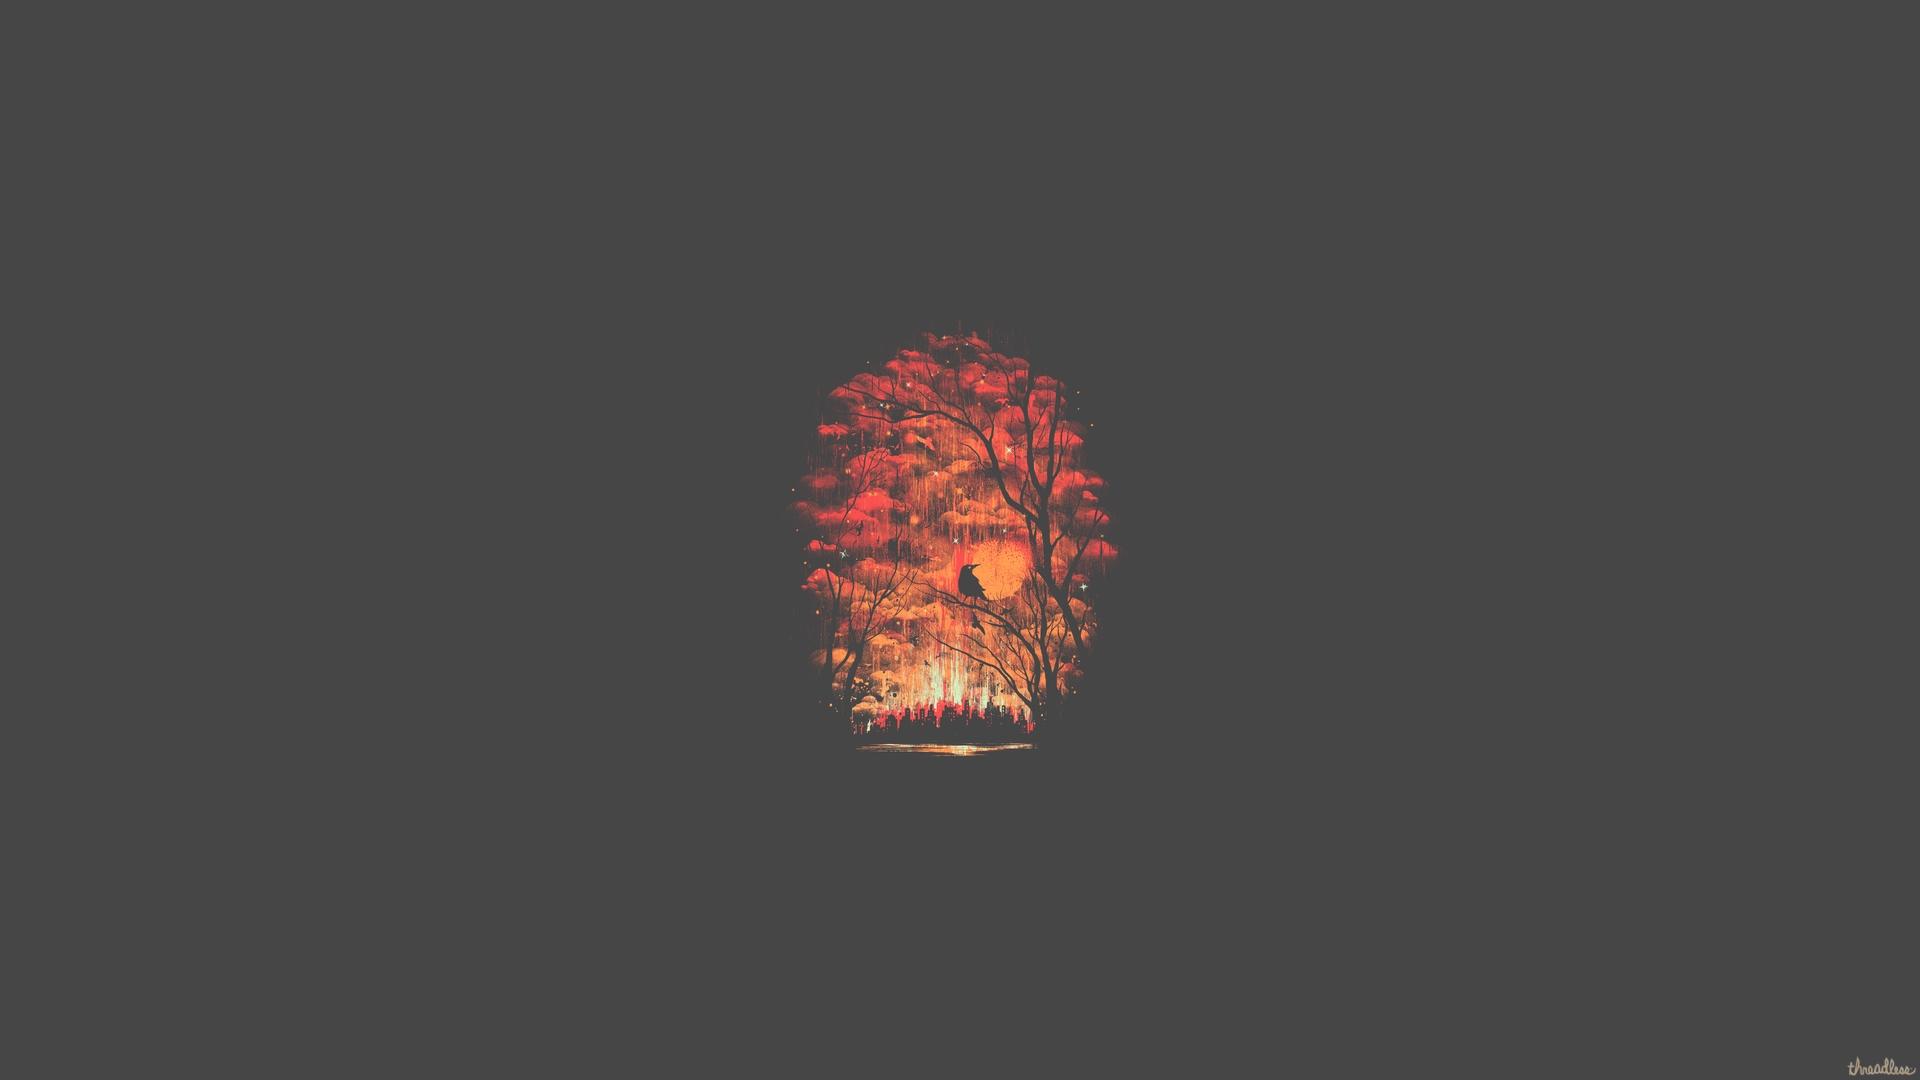 Hd wallpaper minimalist - Forest Minimalist